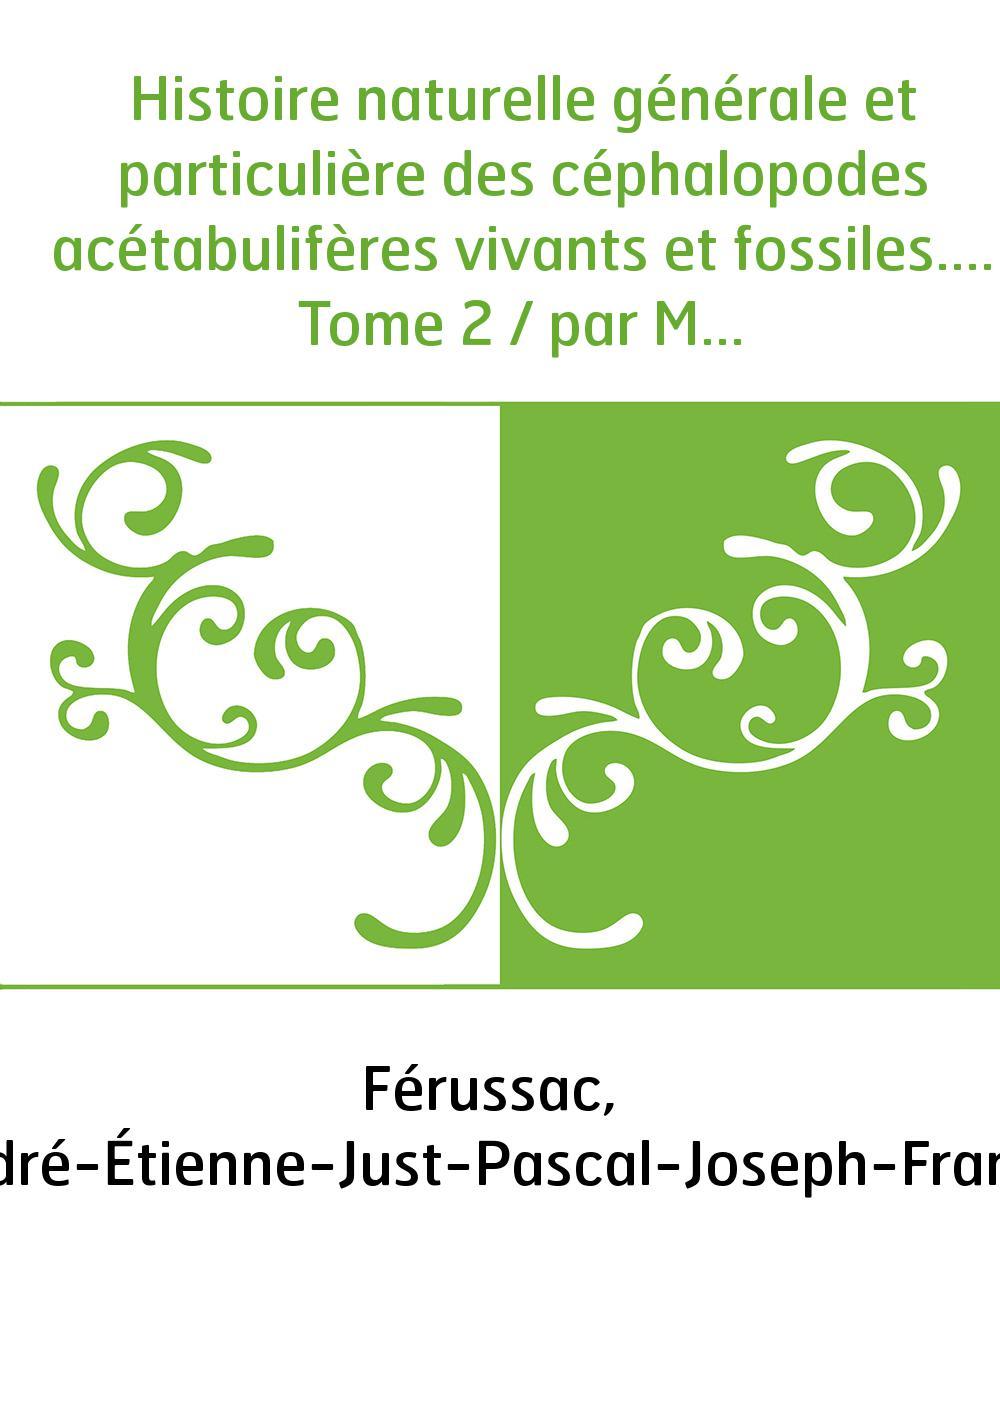 Histoire naturelle générale et particulière des céphalopodes acétabulifères vivants et fossiles.... Tome 2 / par MM. de Férussac